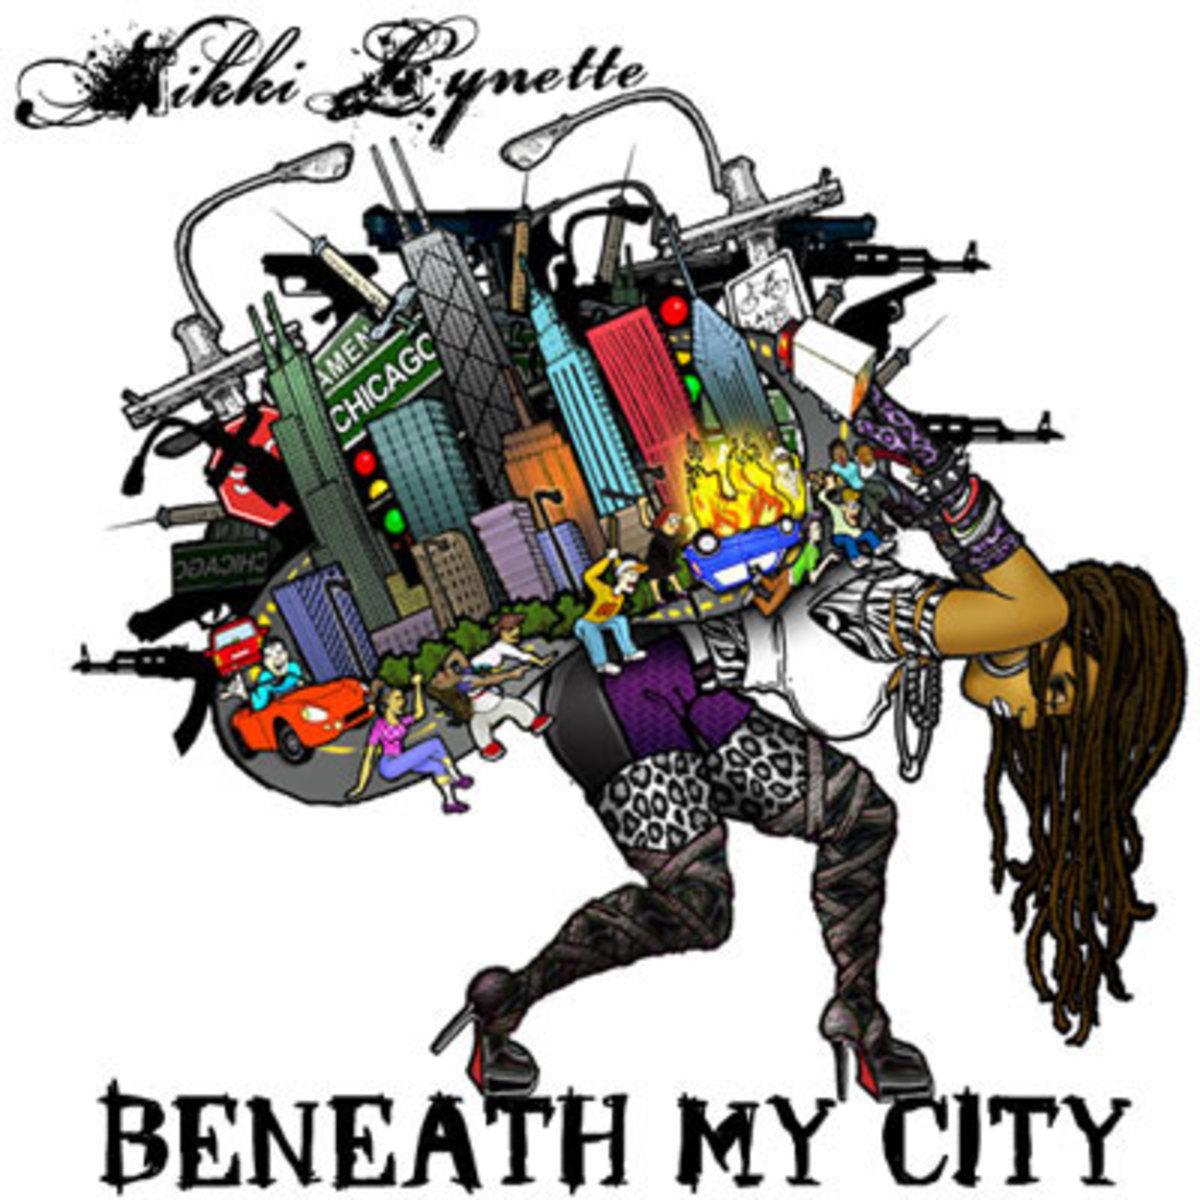 nikilynette-beneathmycity.jpg